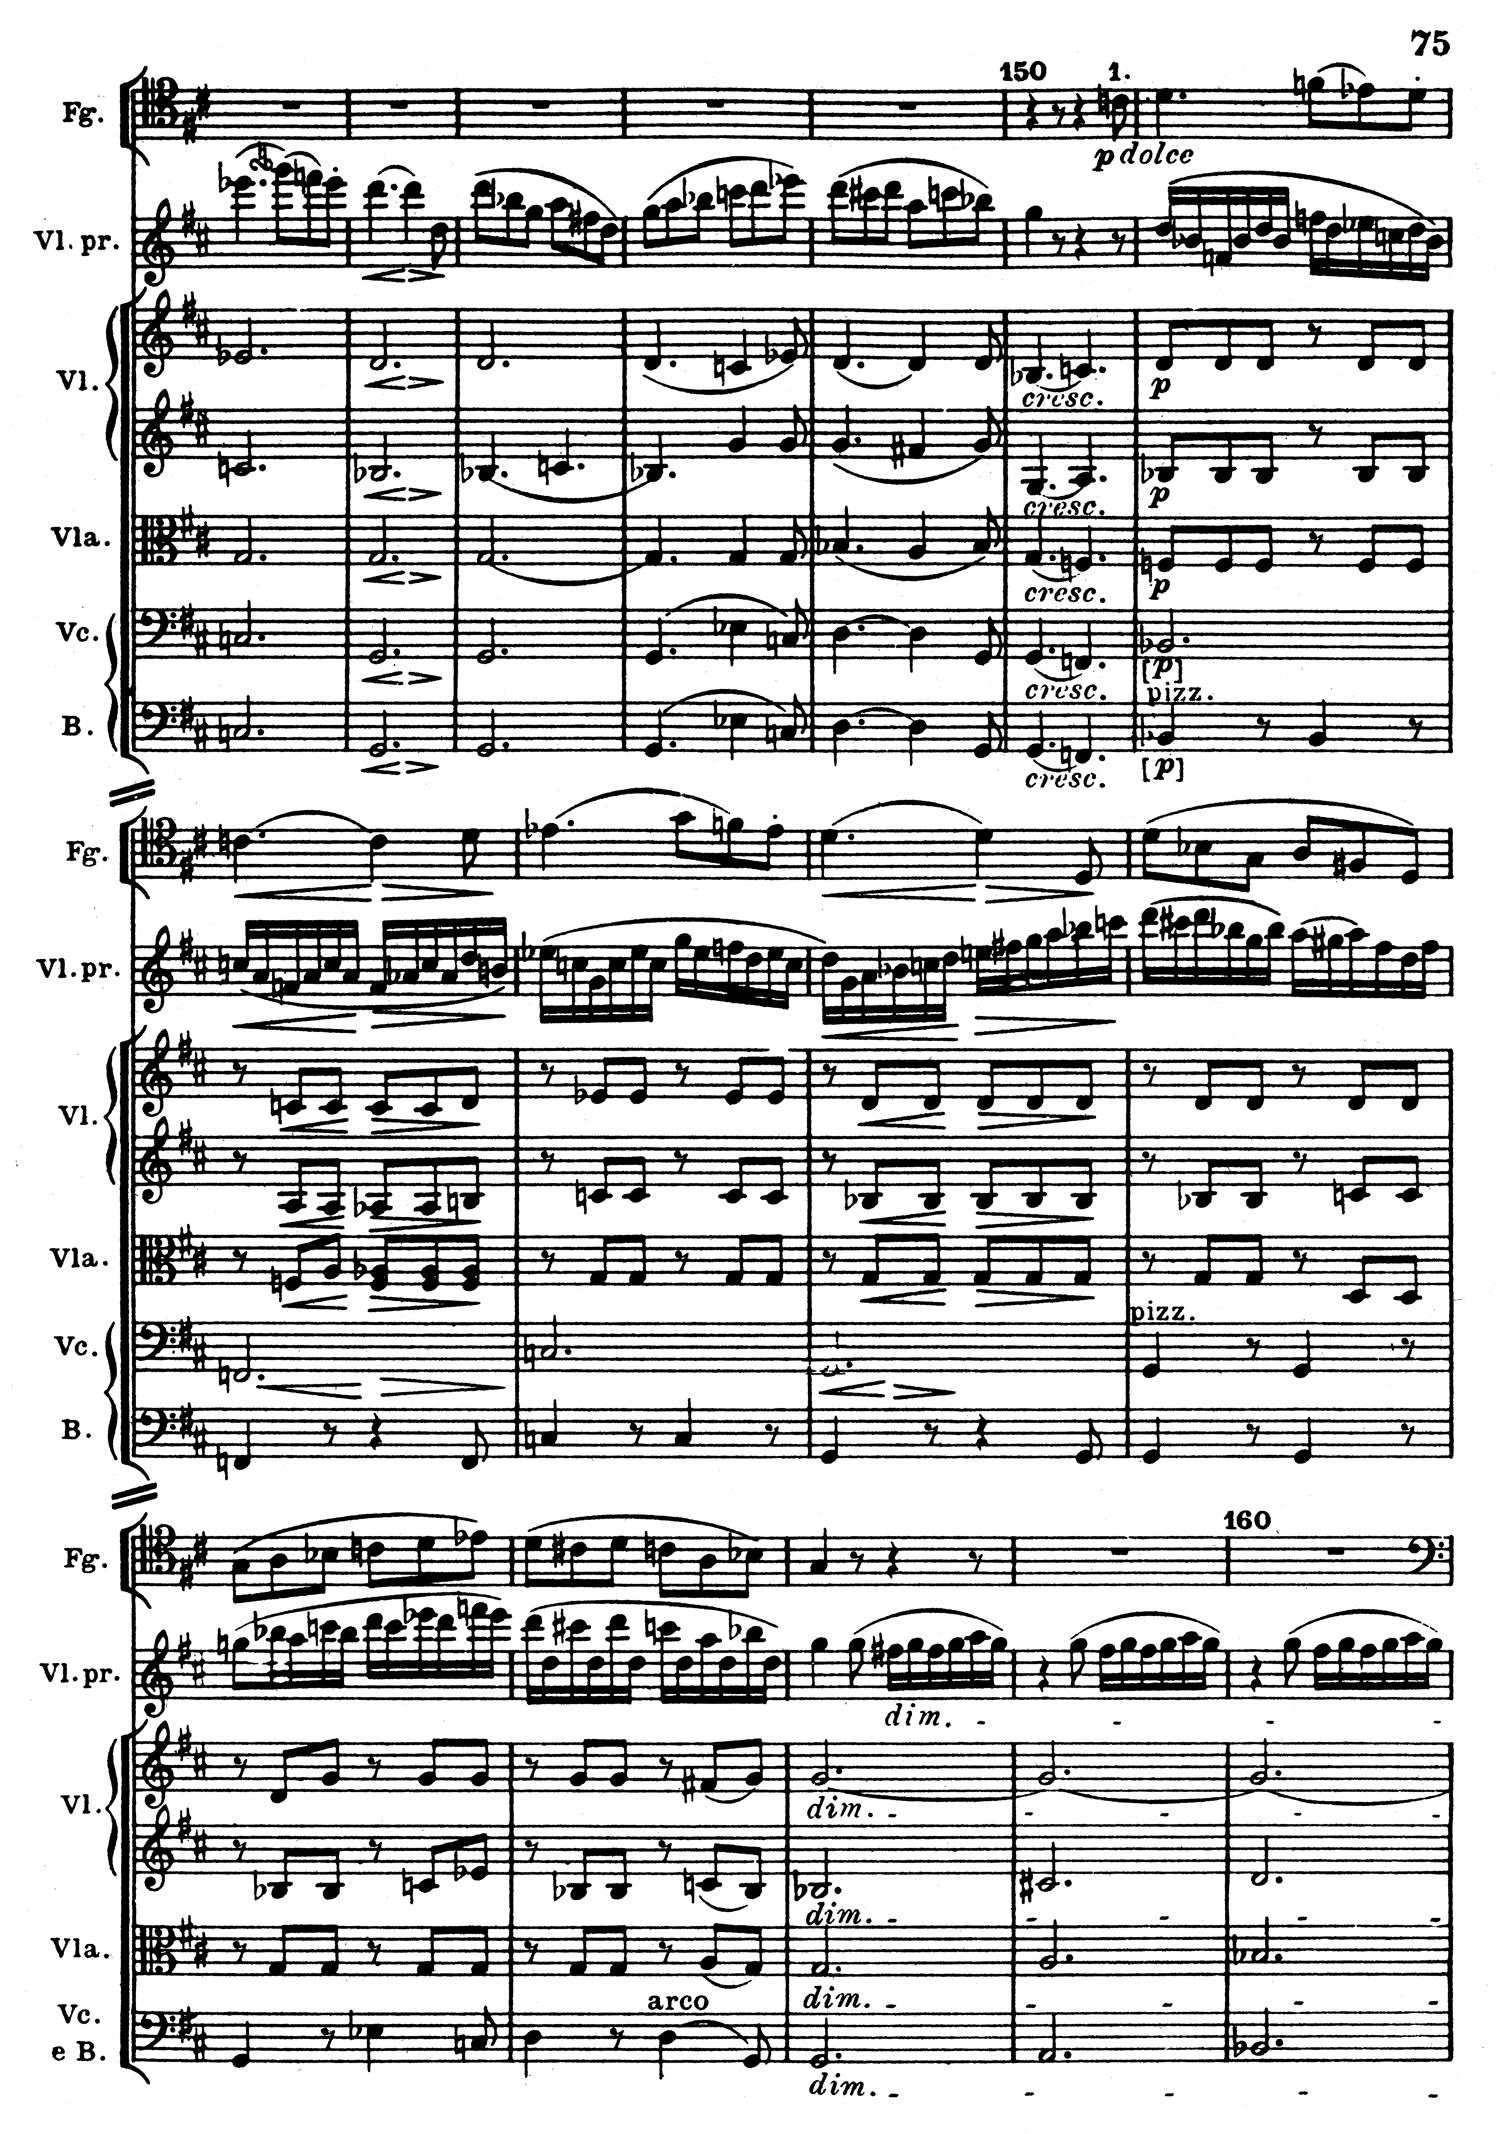 Beethoven Violin Score 5.jpg